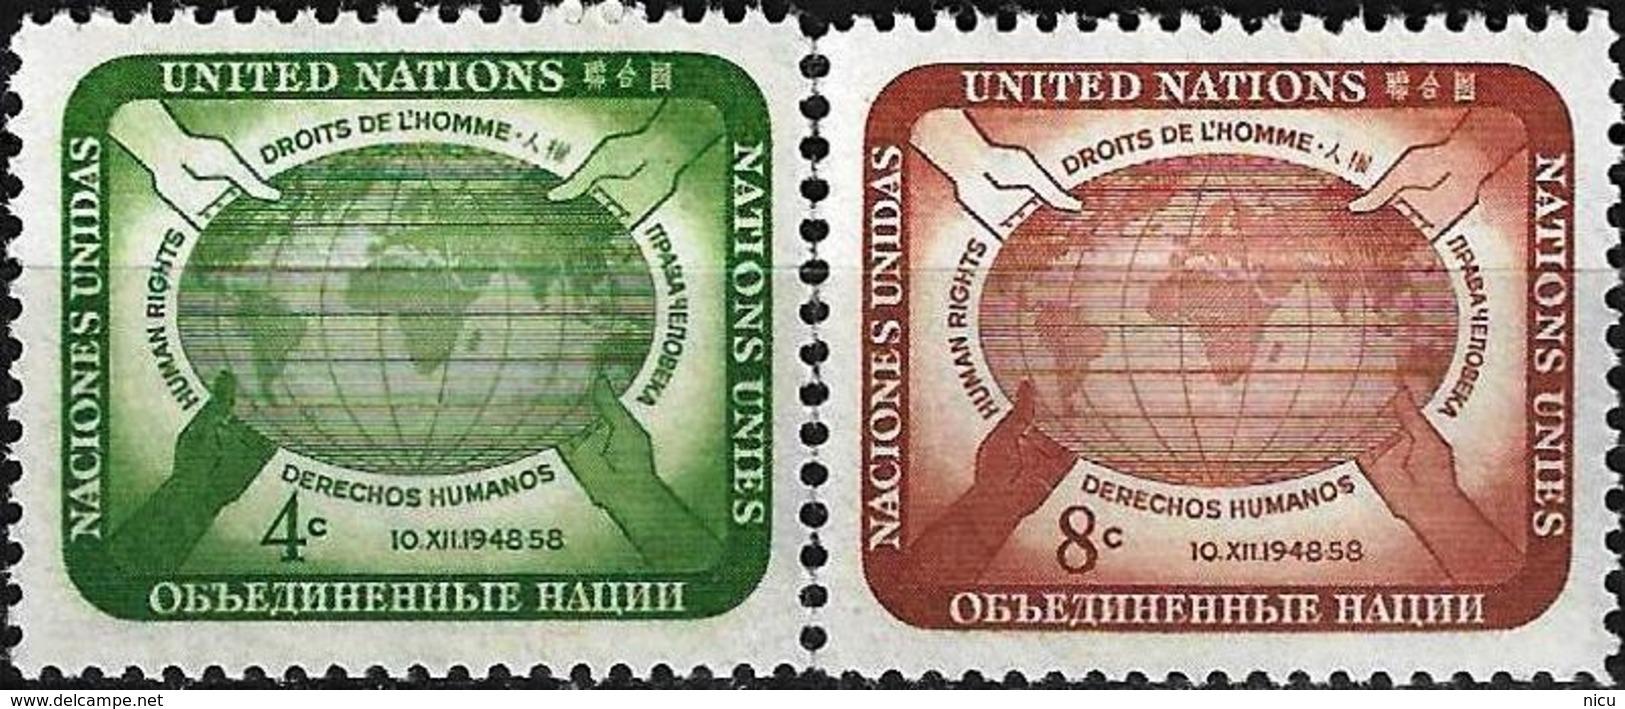 1958 - HUMAN RIGHTS - Michel Nr. 74-75 = 0.50 € - New York -  VN Hauptquartier